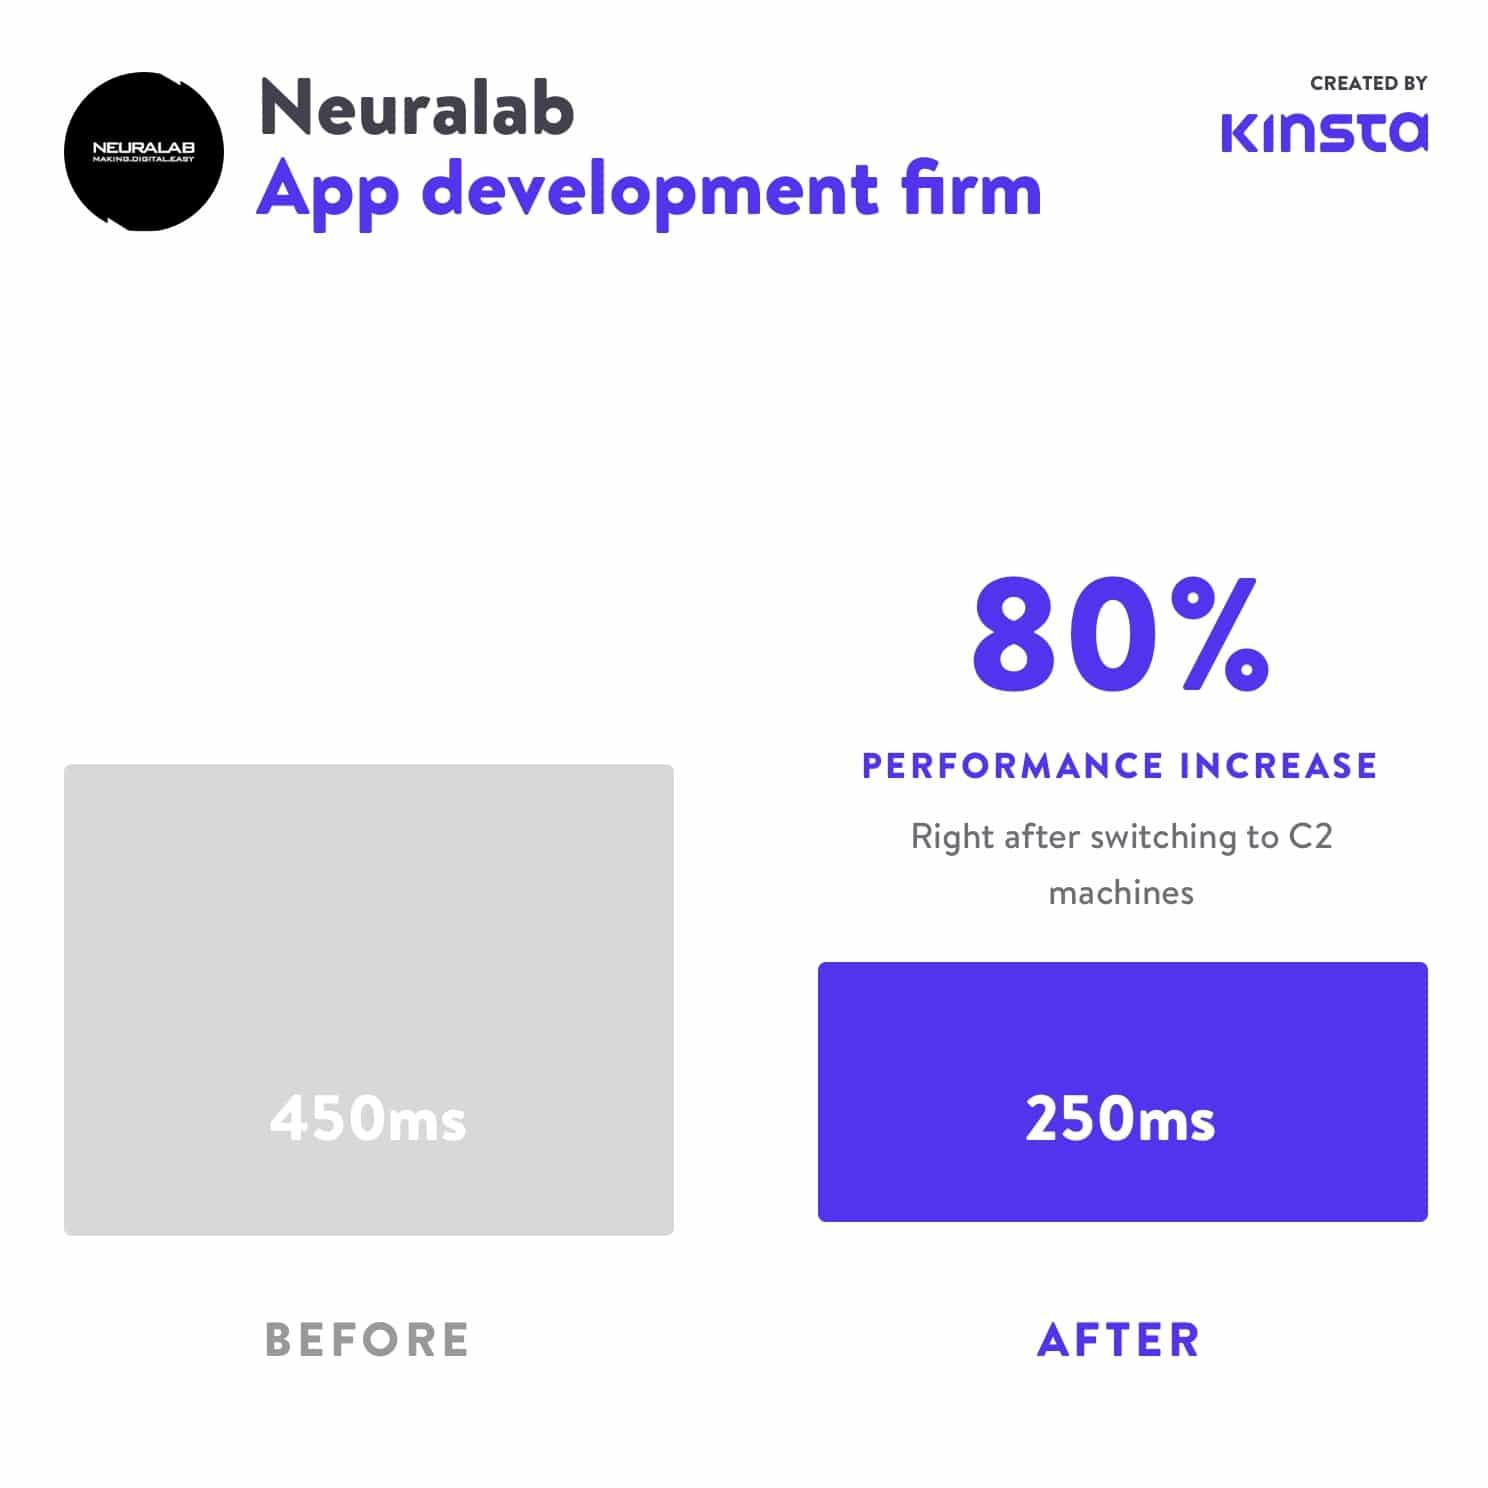 Neuralab sahen eine Leistungssteigerung von 80%, nachdem sie auf C2 umgestiegen waren.